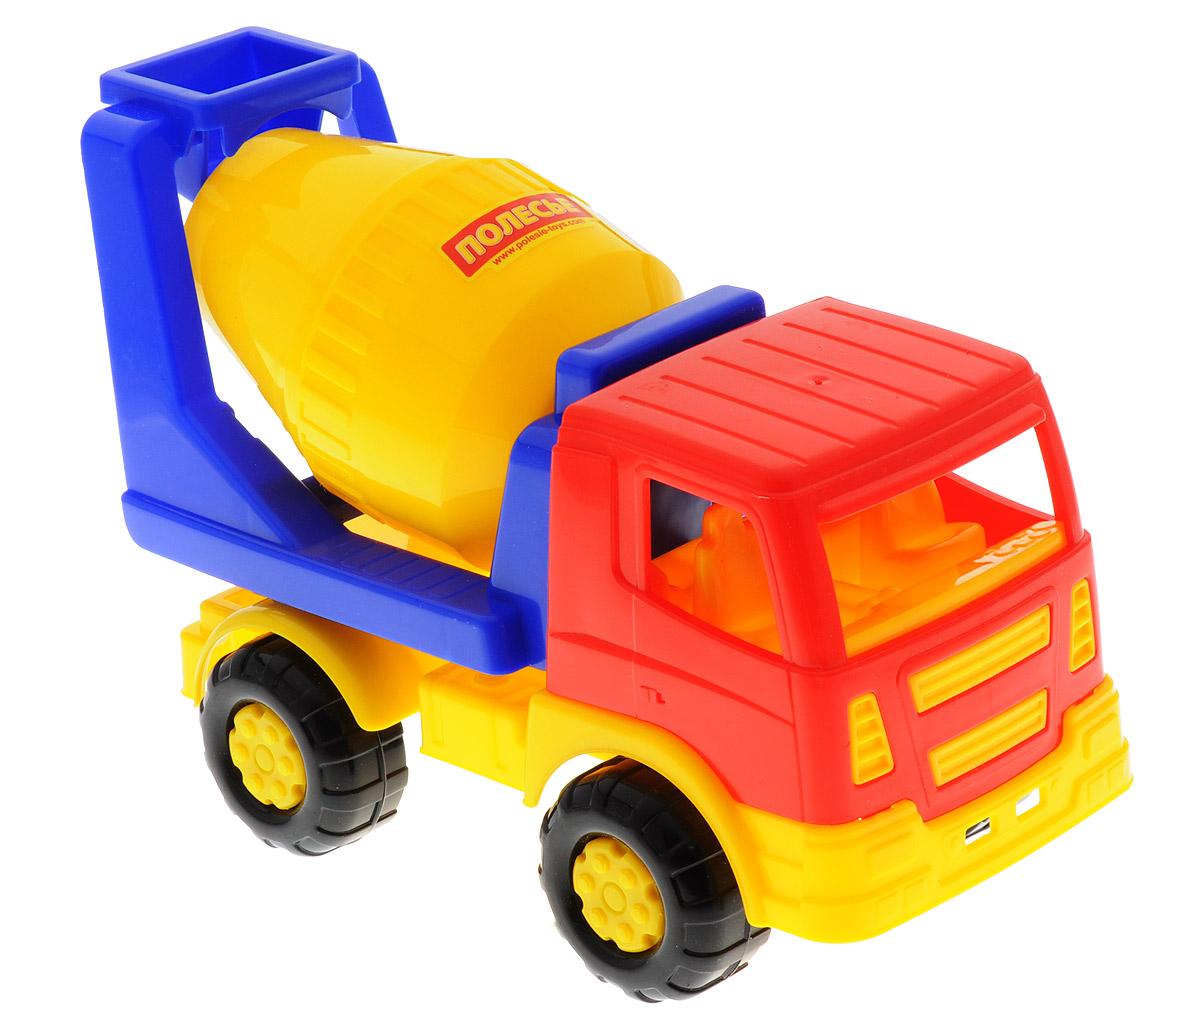 Полесье Бетоновоз Салют цвет желтый синий красный8953_желтый, синийЯркий бетоновоз Салют, изготовленный из прочного безопасного пластика, отлично подойдет ребенку для различных игр. Бетоновоз оснащен вращающейся бочкой для перемешивания цемента во время транспортировки. Кузов с бочкой может опускаться назад. Большие ребристые колеса со свободным ходом обеспечивают игрушке устойчивость и хорошую проходимость. Ваш юный строитель сможет прекрасно провести время дома или на улице, создавая свою стройку.